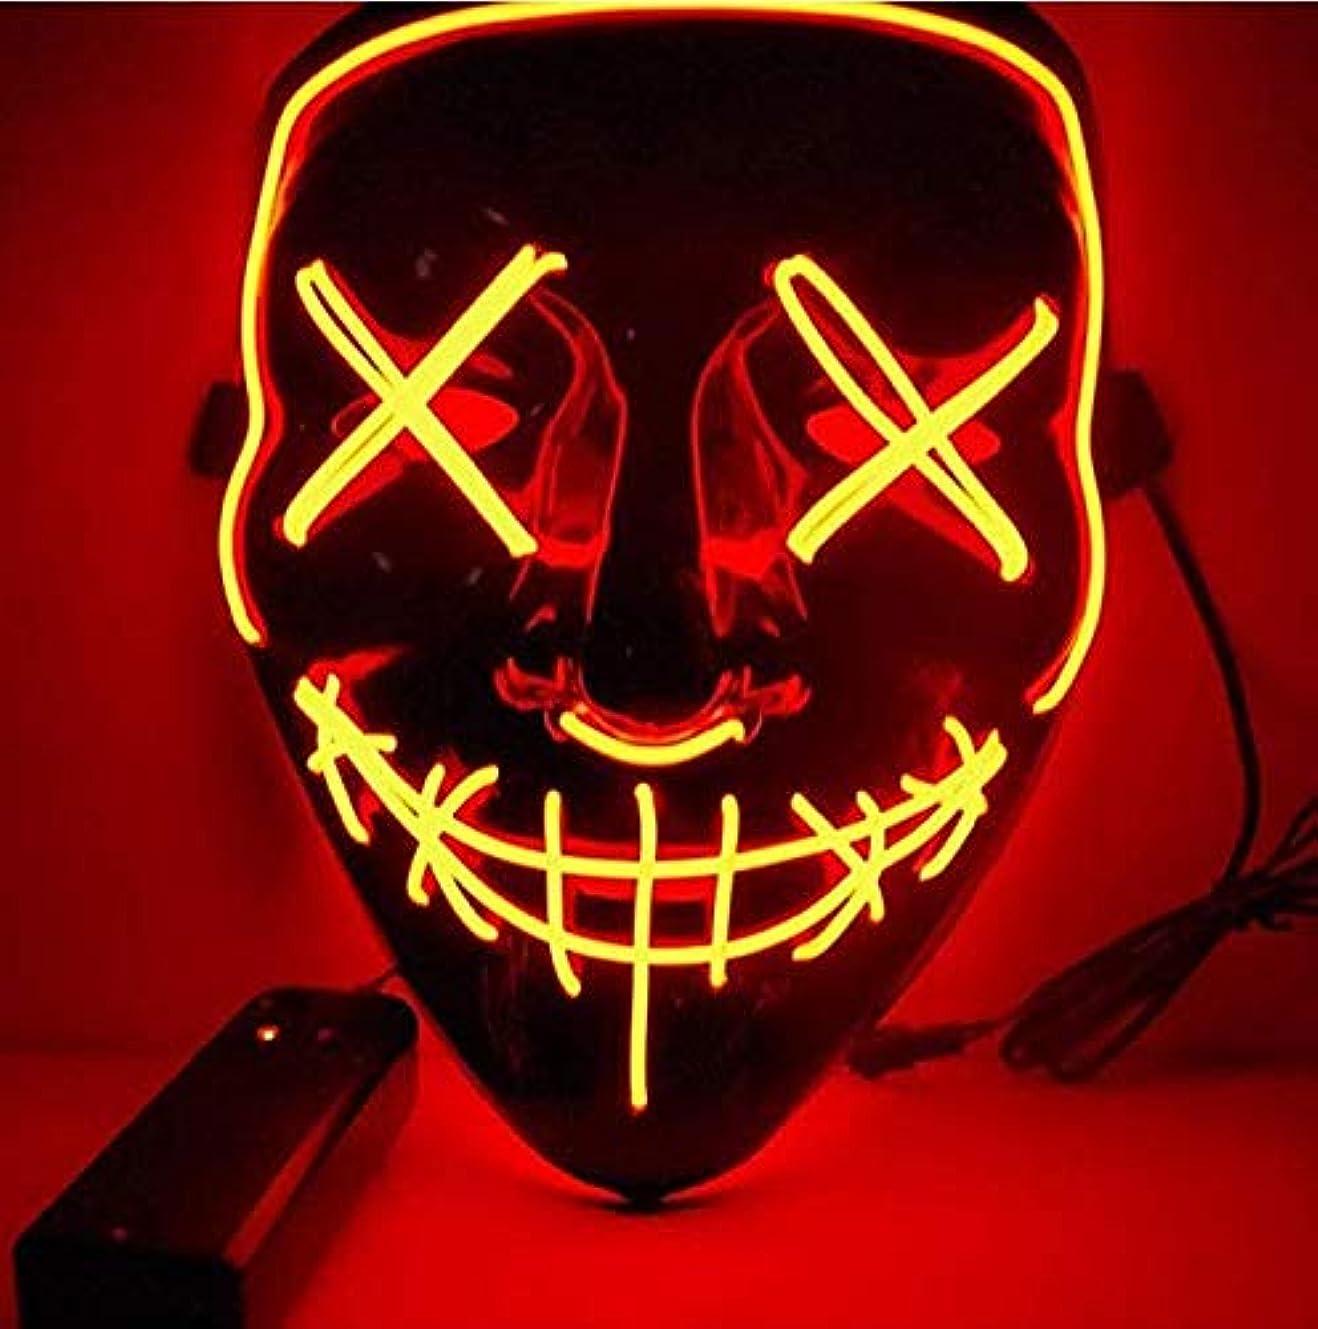 歯科の悲観的血ハロウィンマスクLEDライトアップパーティーマスクコスプレコスチュームサプライ暗闇で光る (Color : ORANGE)